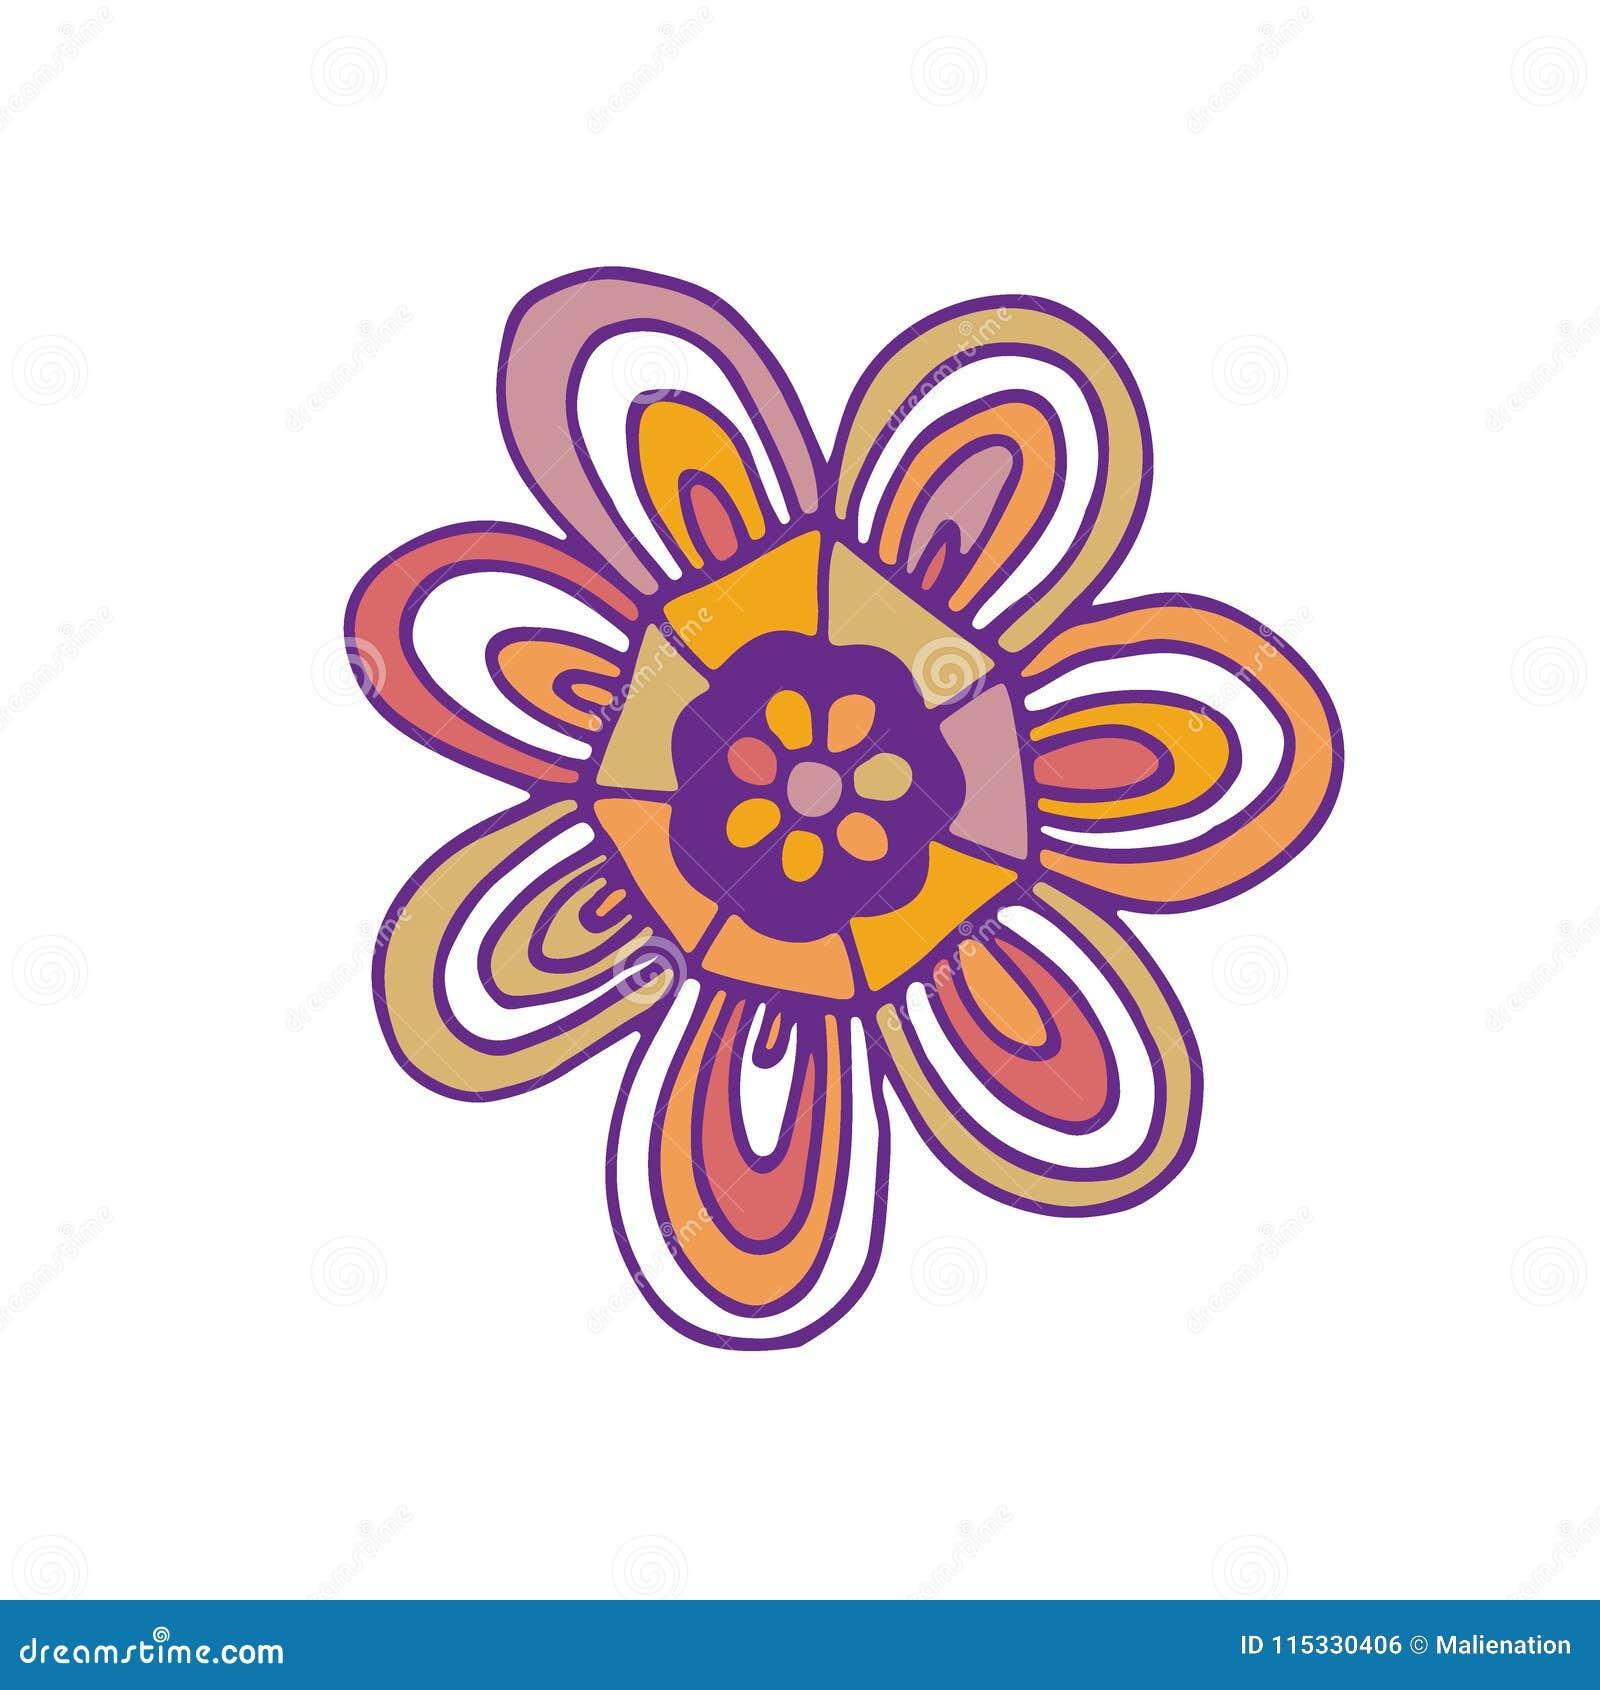 Διανυσματικό εικονίδιο λουλουδιών Σχέδιο τυπωμένων υλών μπλουζών Χαριτωμένη αυτοκόλλητη ετικέττα doodle